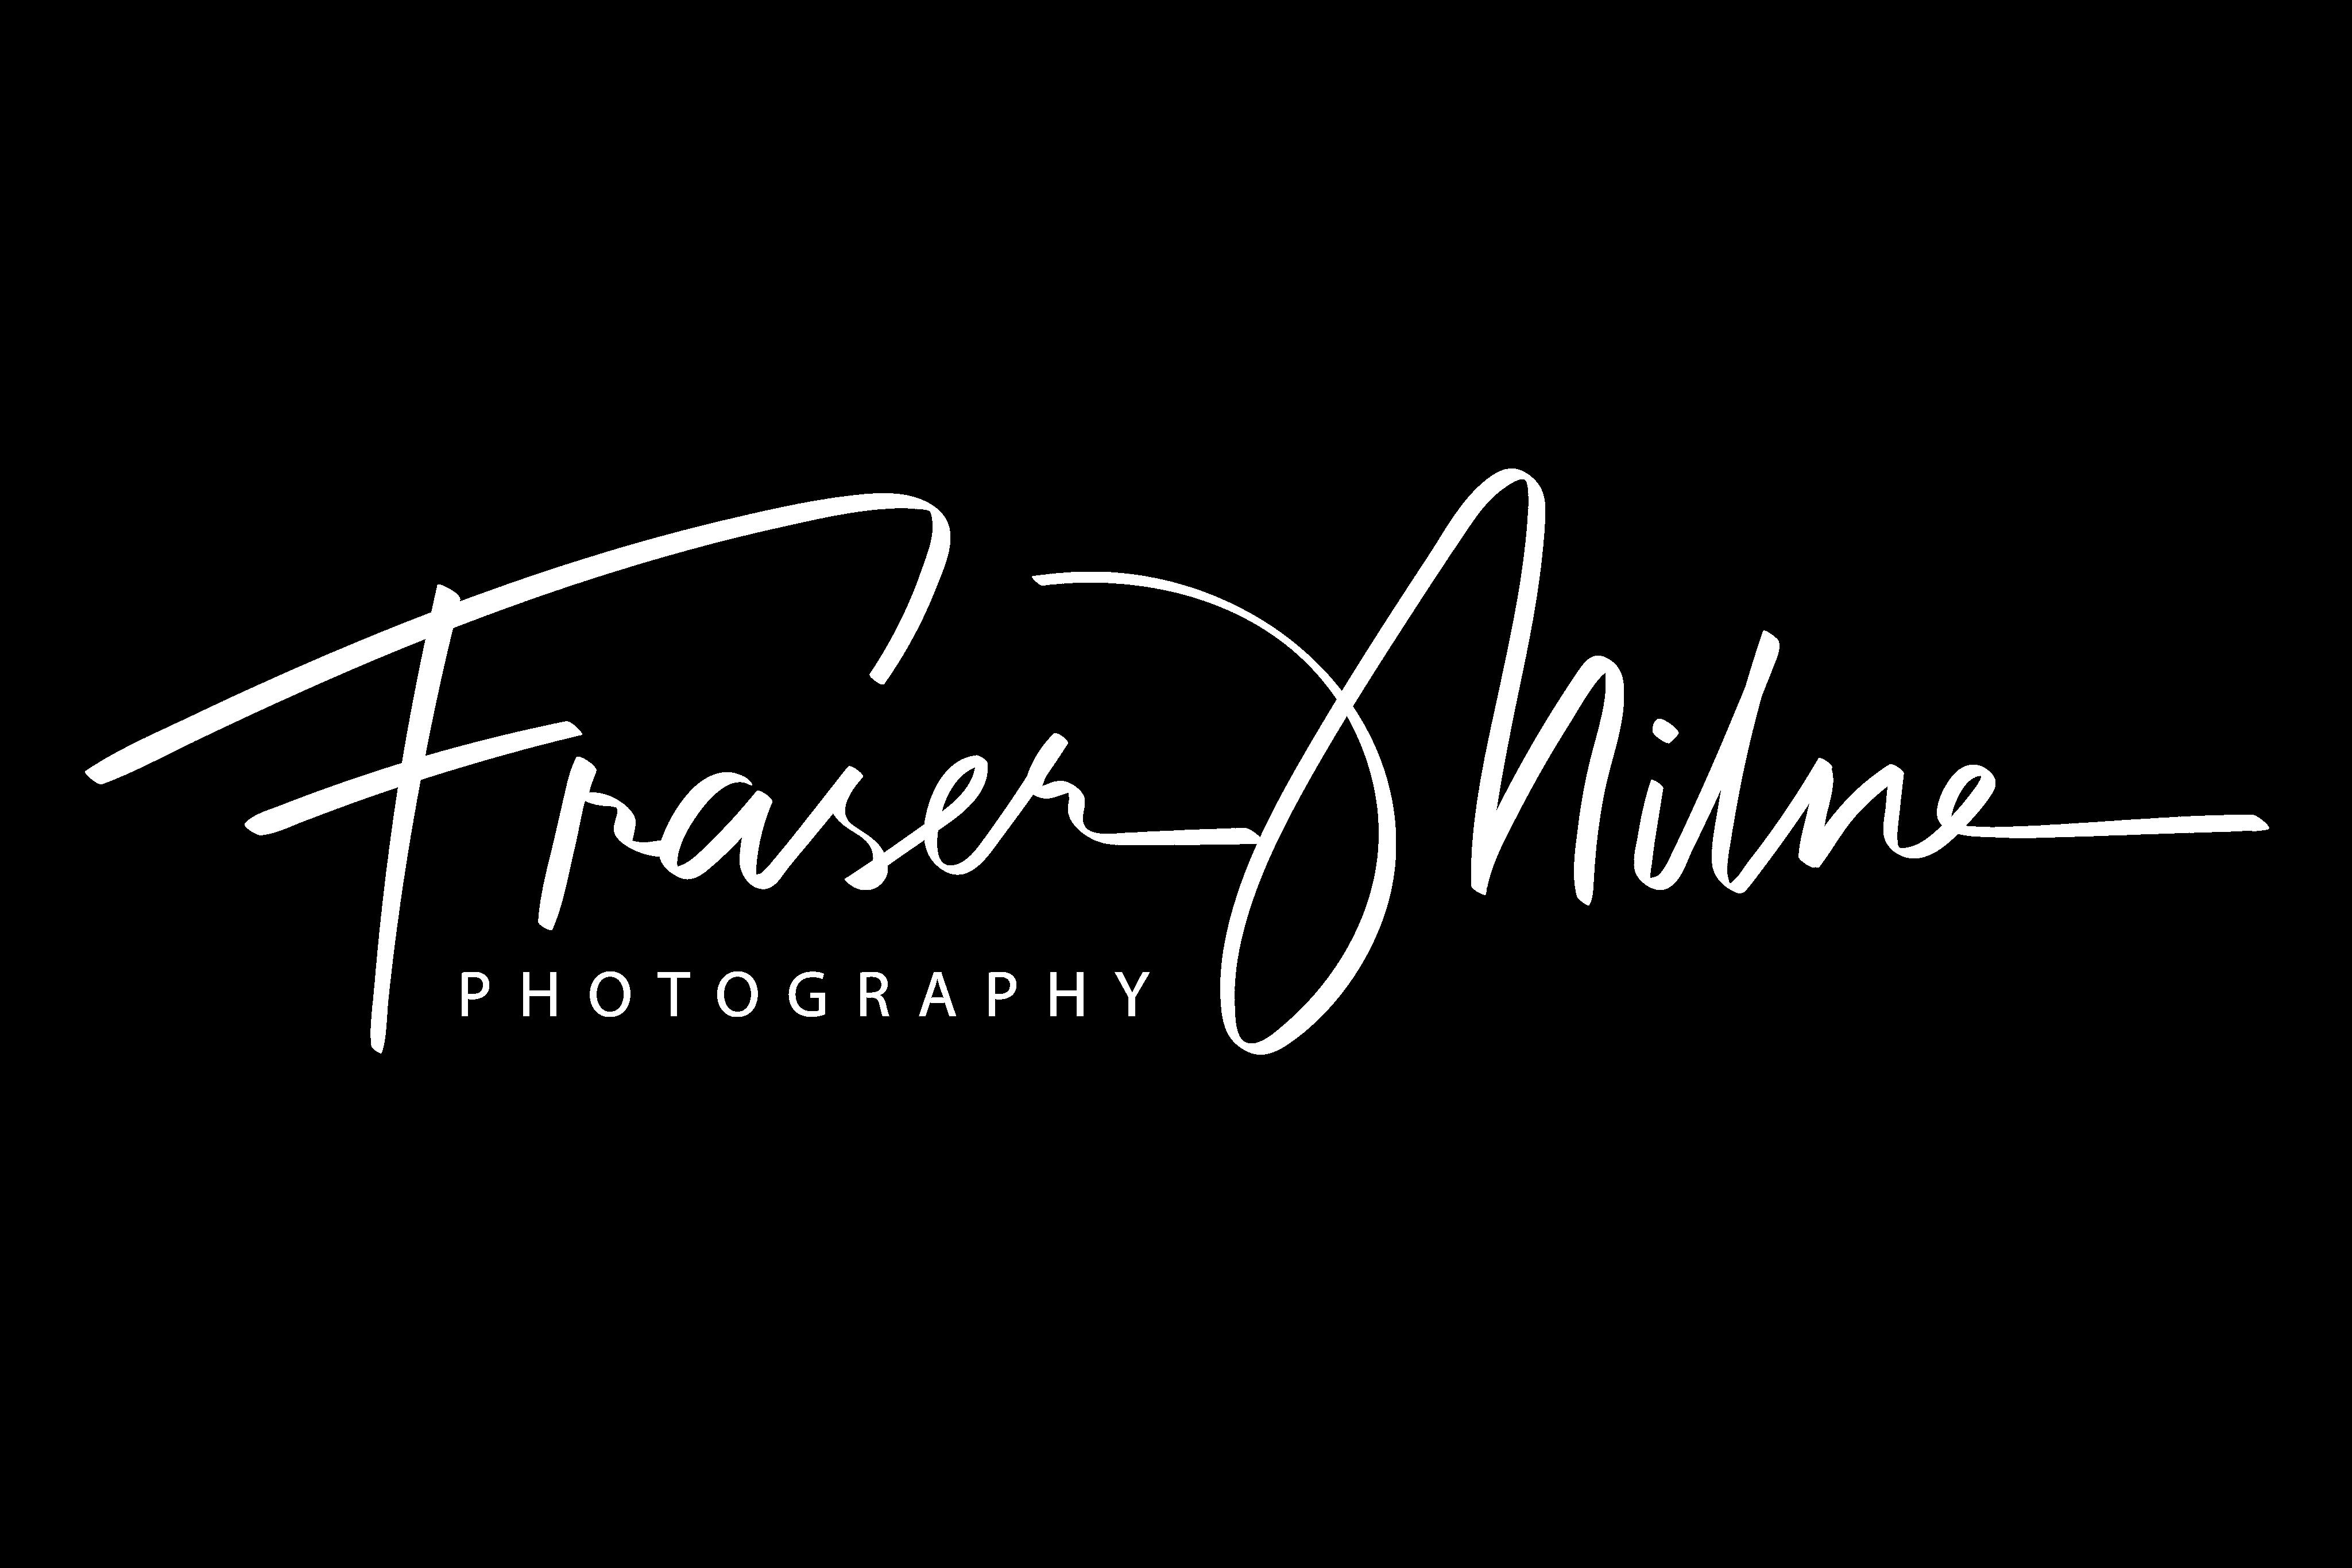 Fraser Milne